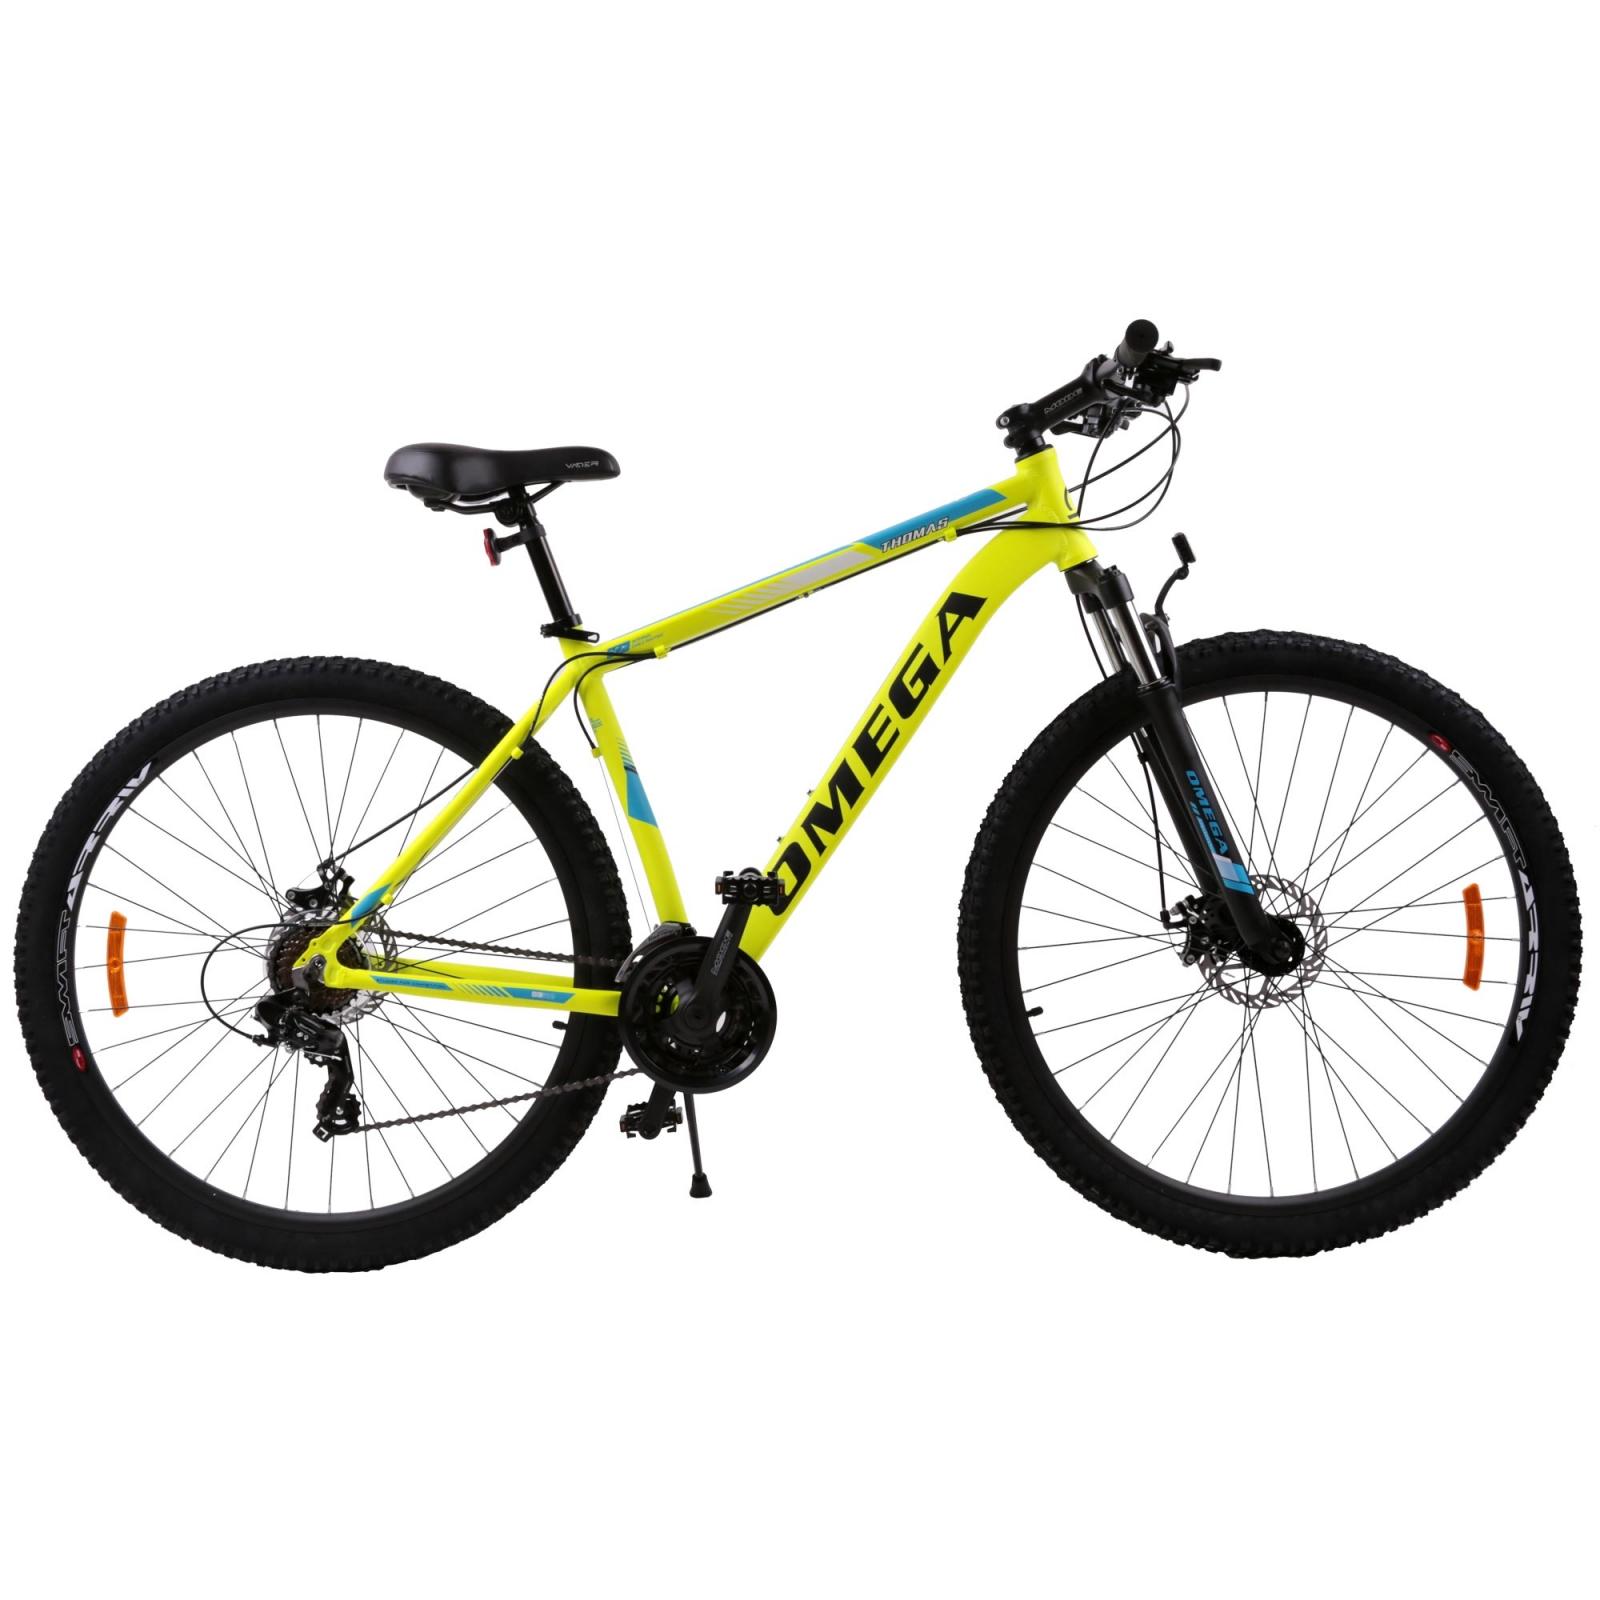 Bicicleta mountainbike Omega Thomas 29 cadru 49cm galben 2019